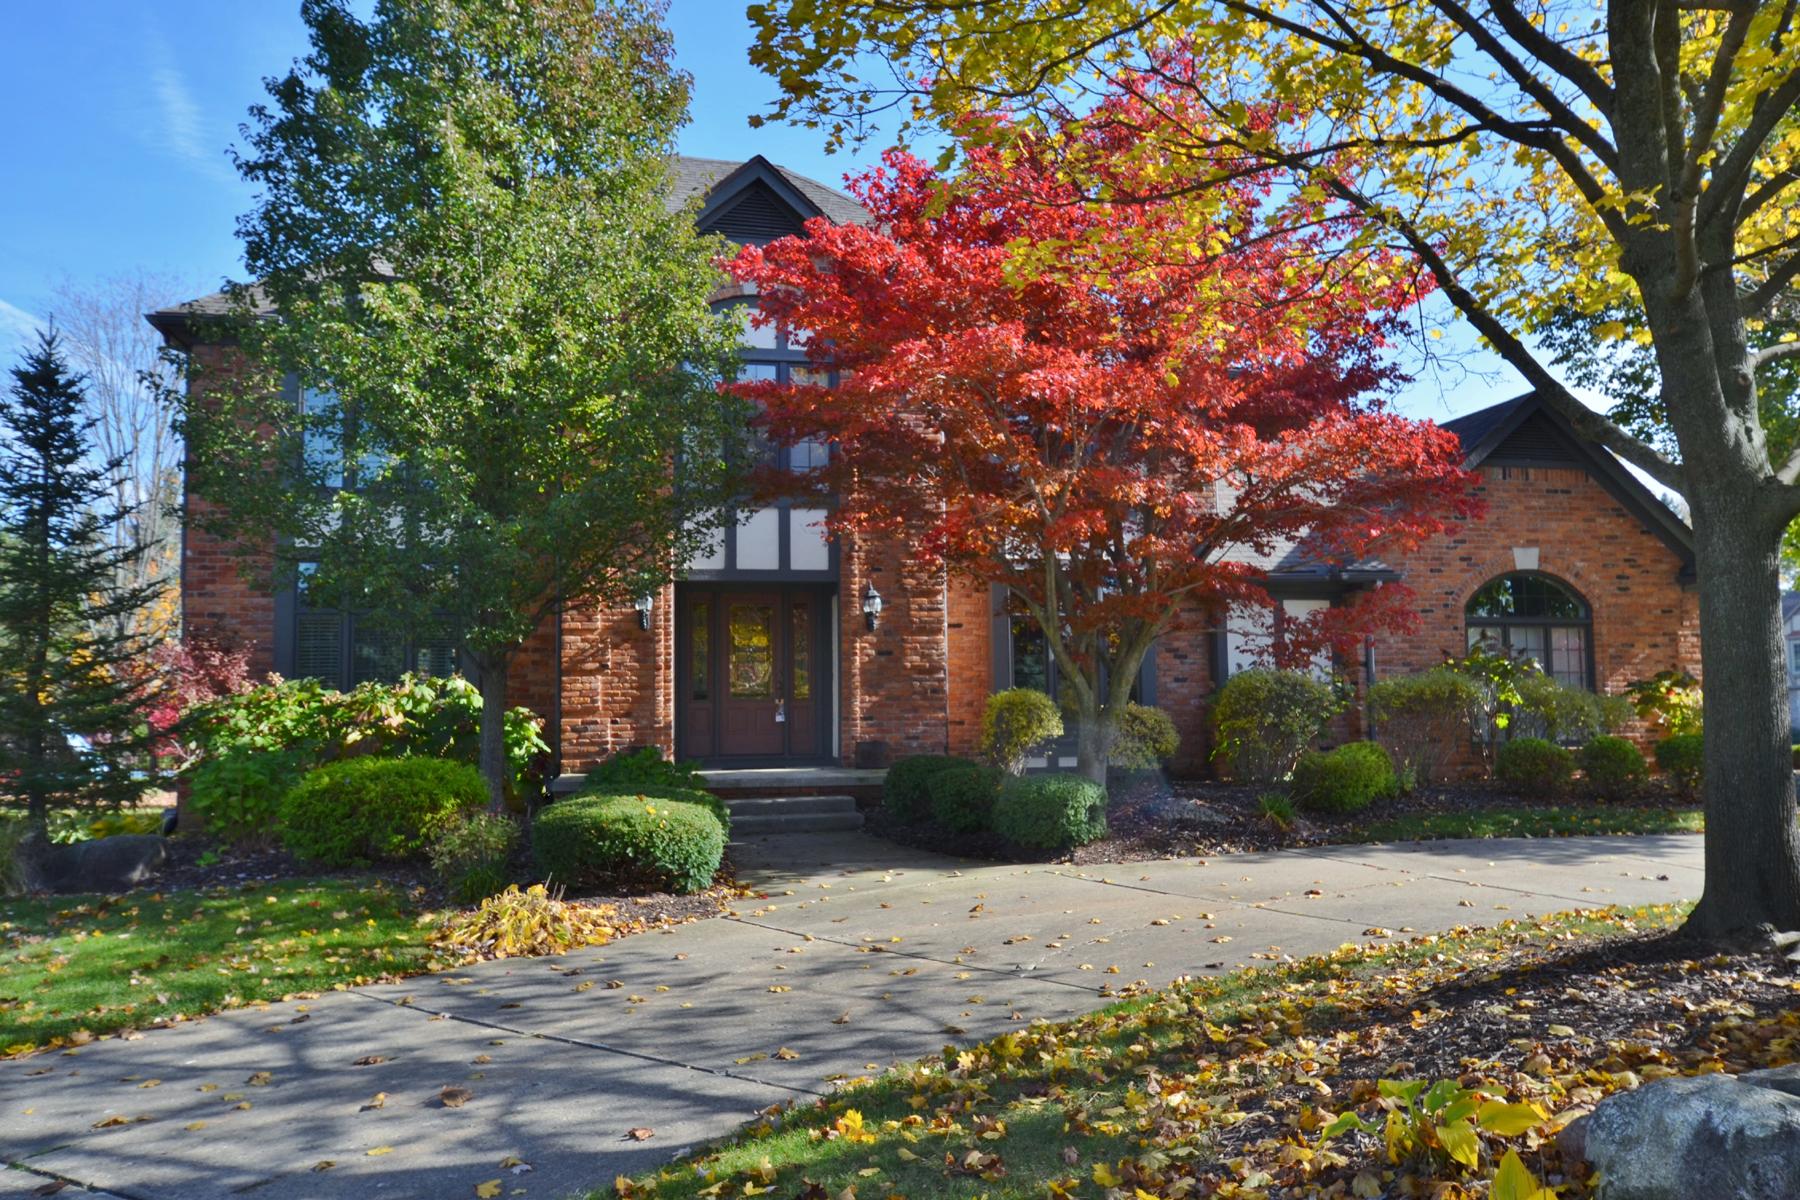 独户住宅 为 销售 在 Bloomfield 3231 Bloomfield Crossing 布洛姆费尔德, 密歇根州, 48304 美国